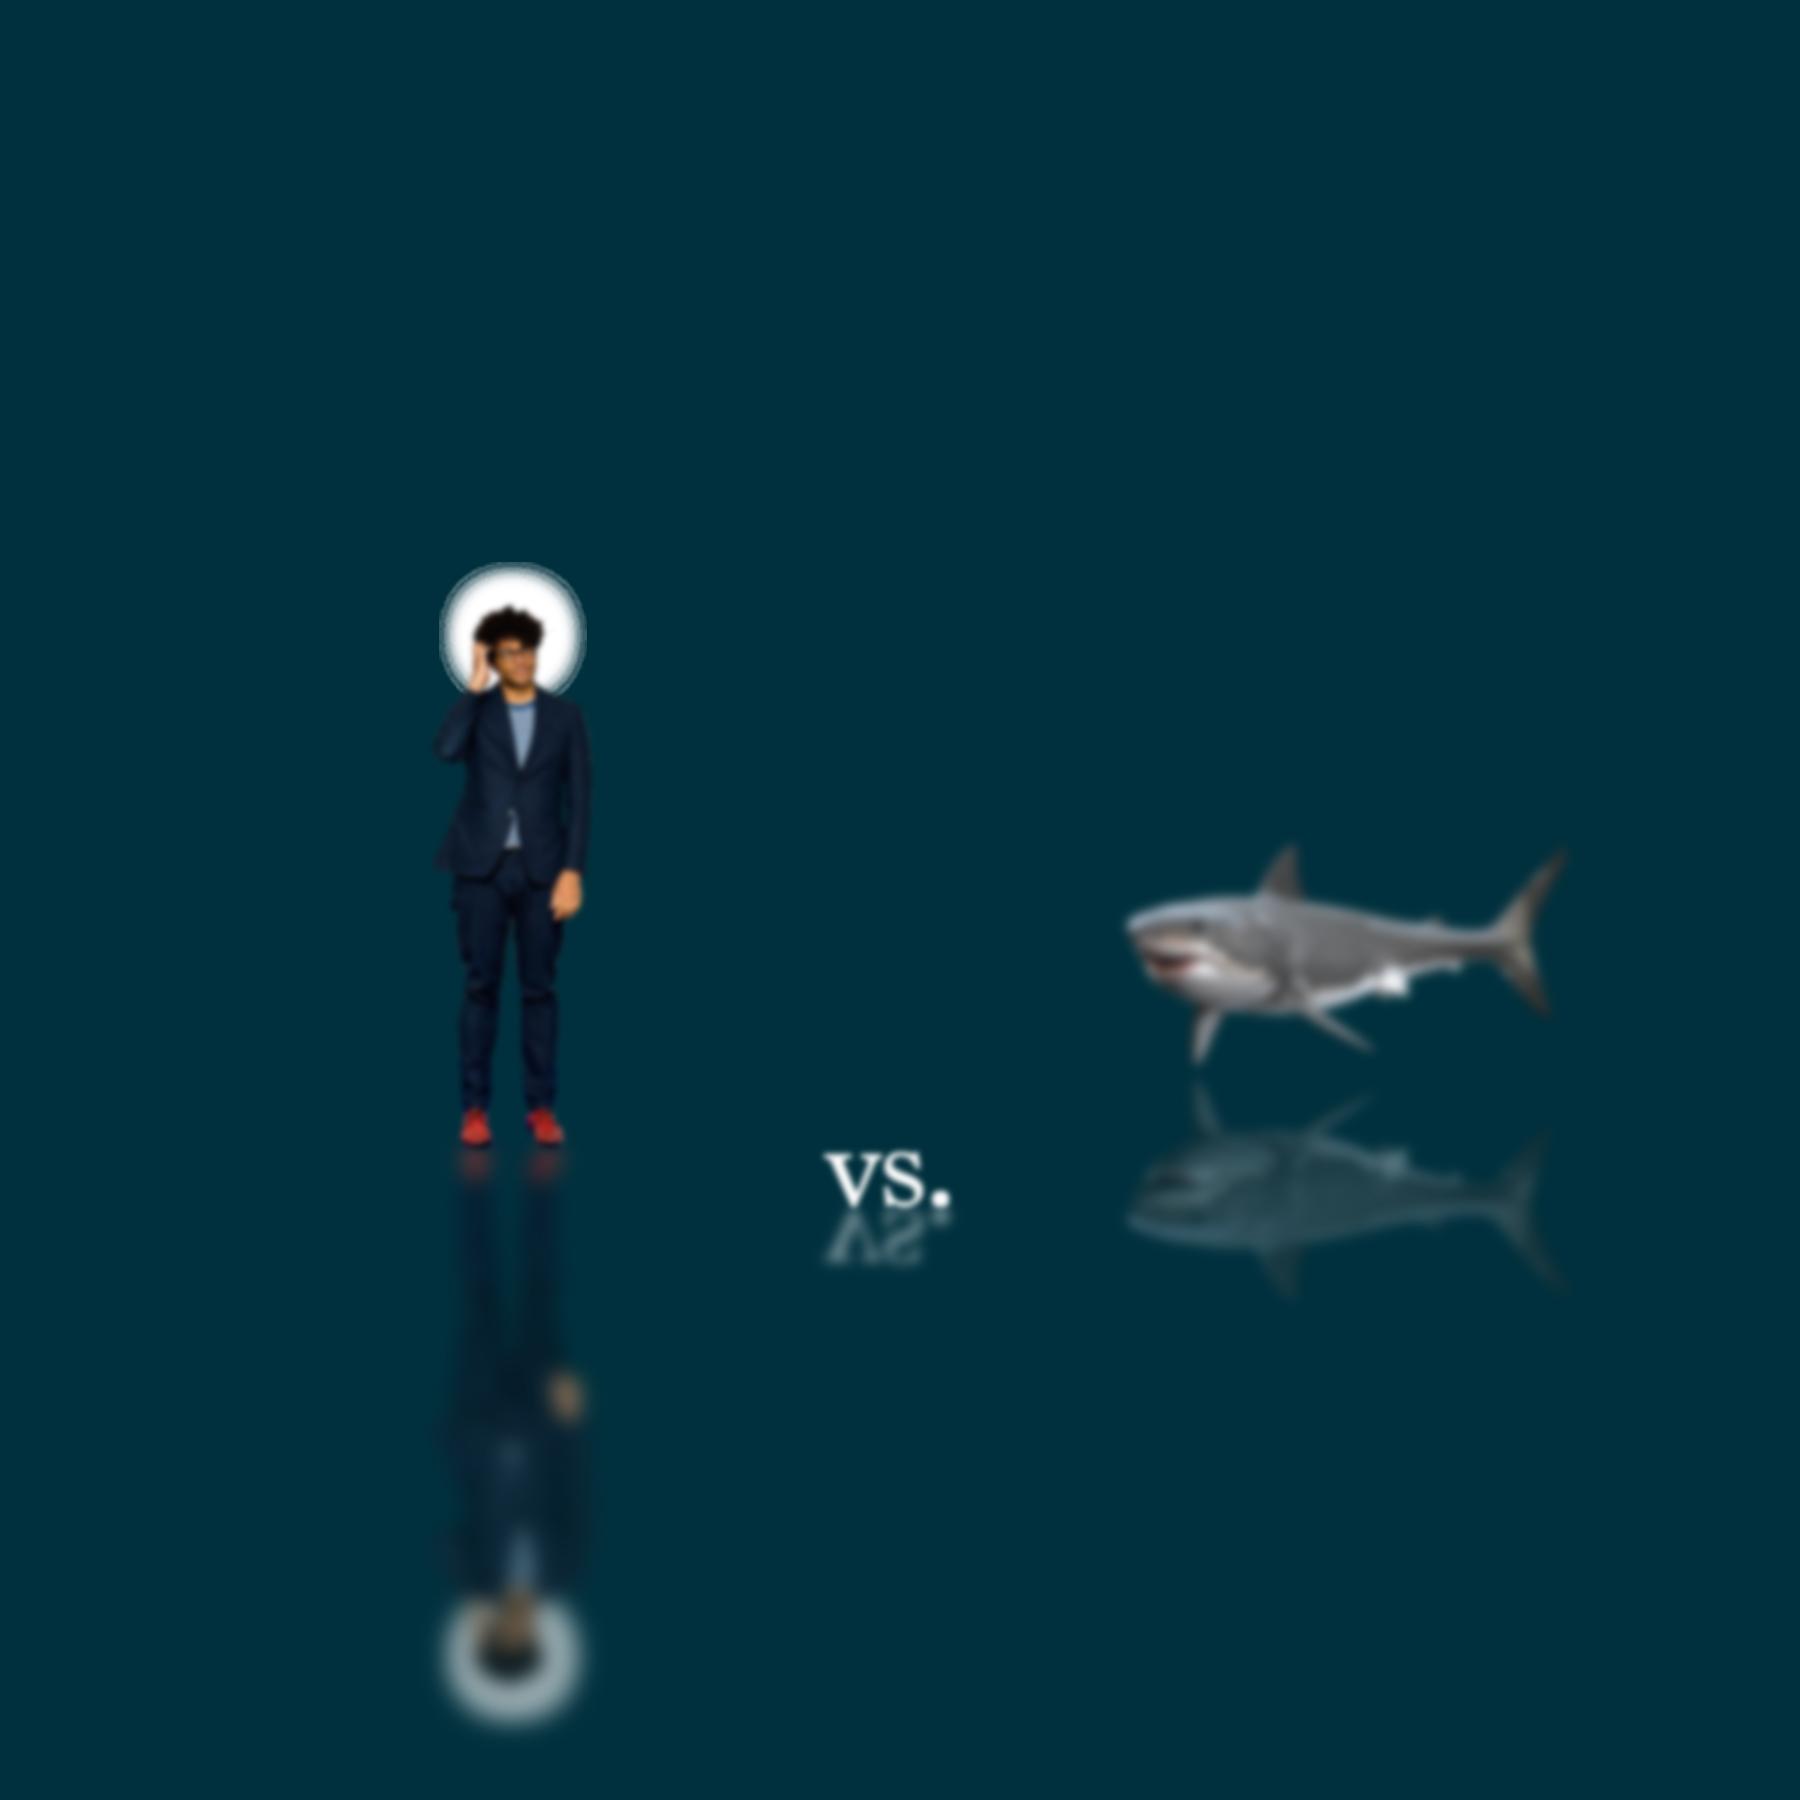 St. Ayoade vs. A Shark